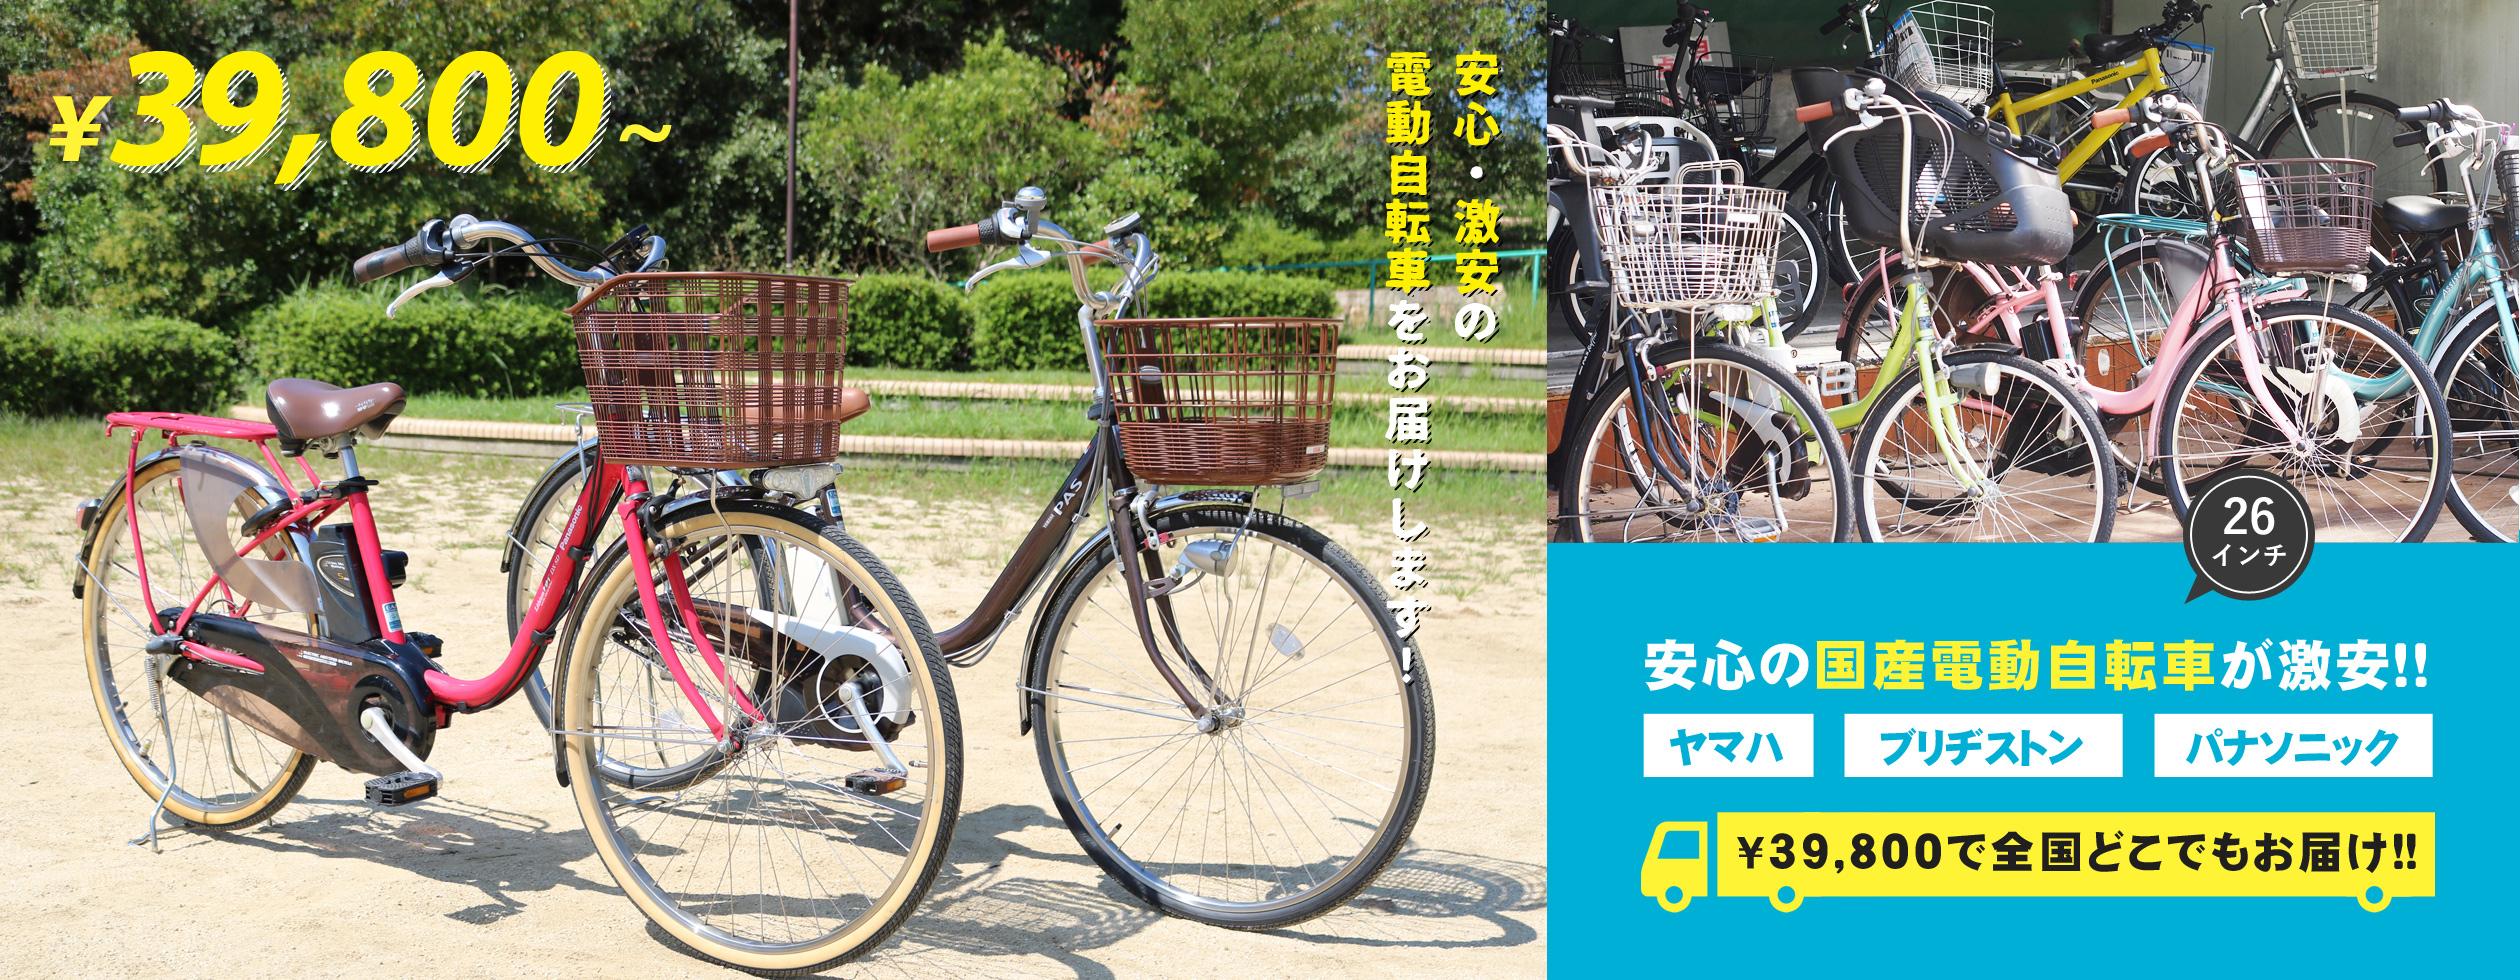 安心の国産電動自転車が激安!! ヤマハ・ブリヂストン・パナソニック ¥39,800で全国どこでもお届け!!